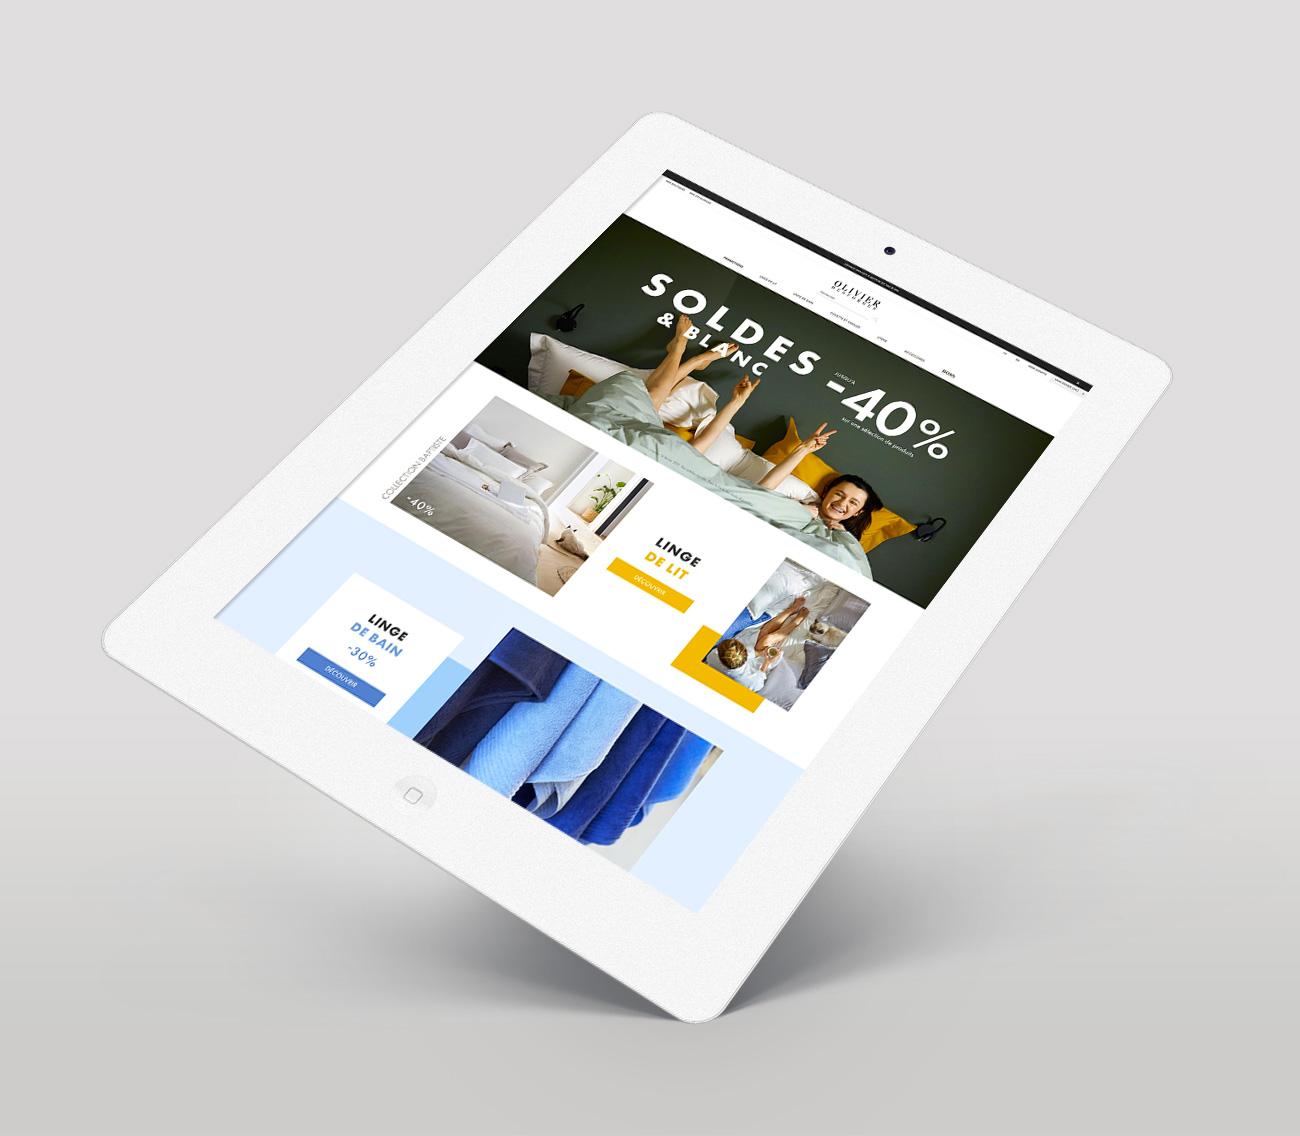 Studio Eckla - Aurélie Marcellak   Home page pour Laurence Tavernier à l'occasion des soldes d'hiver